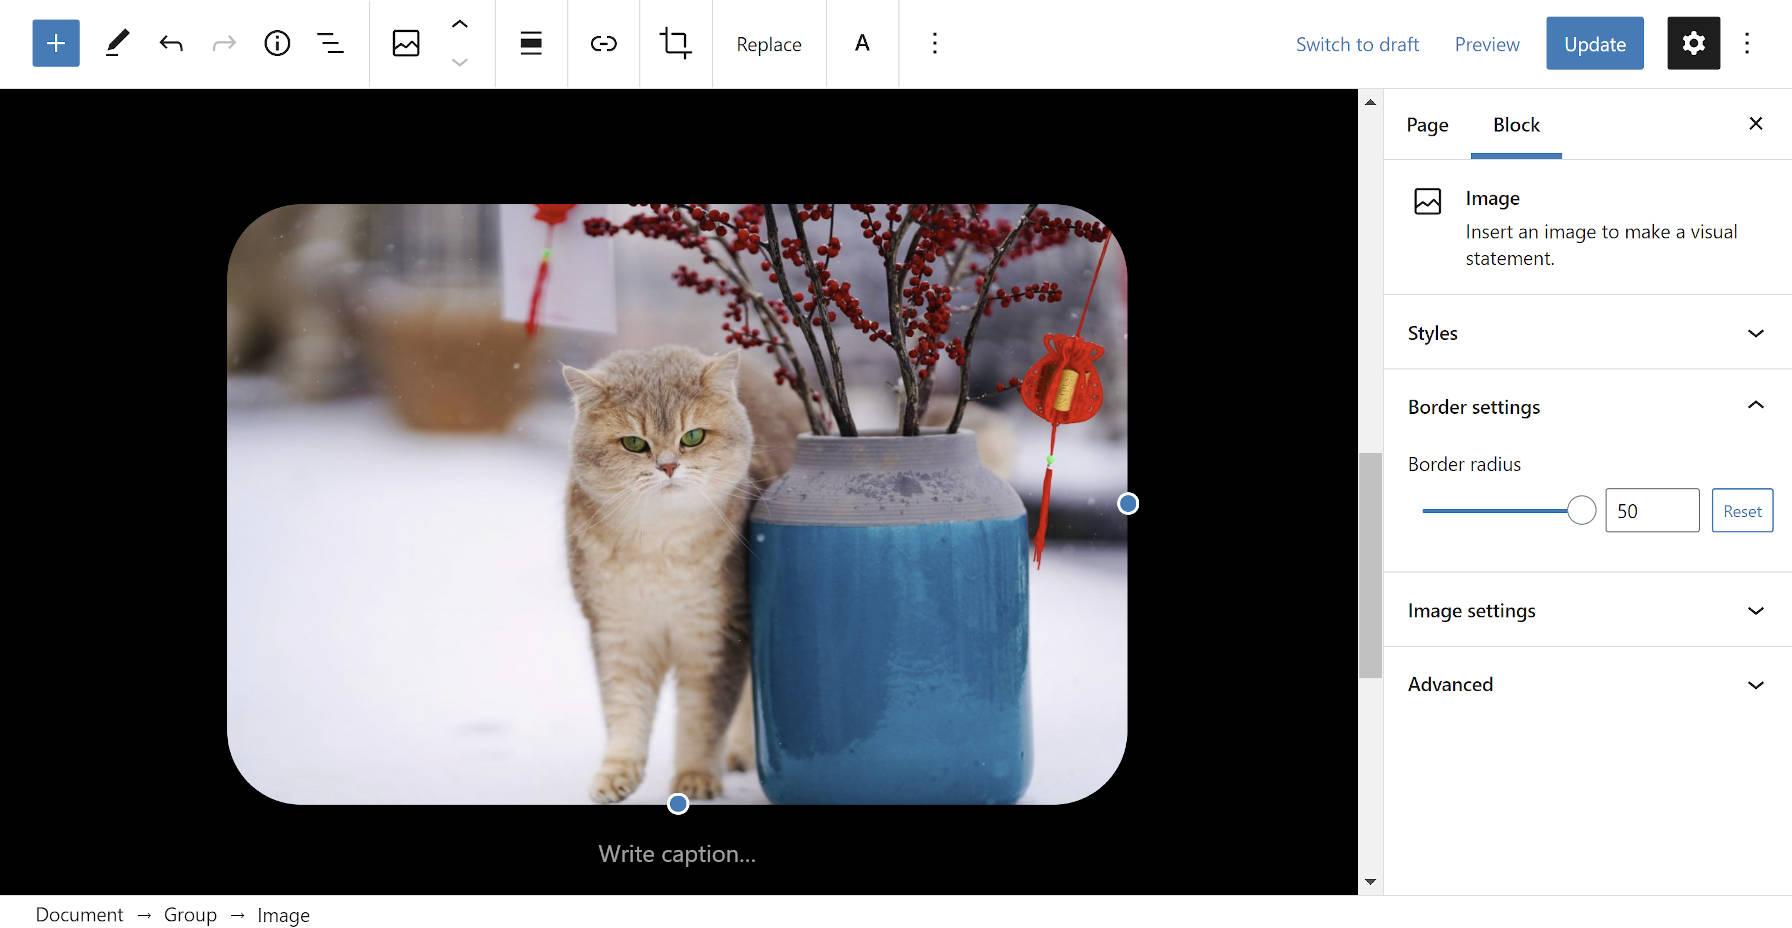 Image block in the WordPress editor with border radius setting in the sidebar.